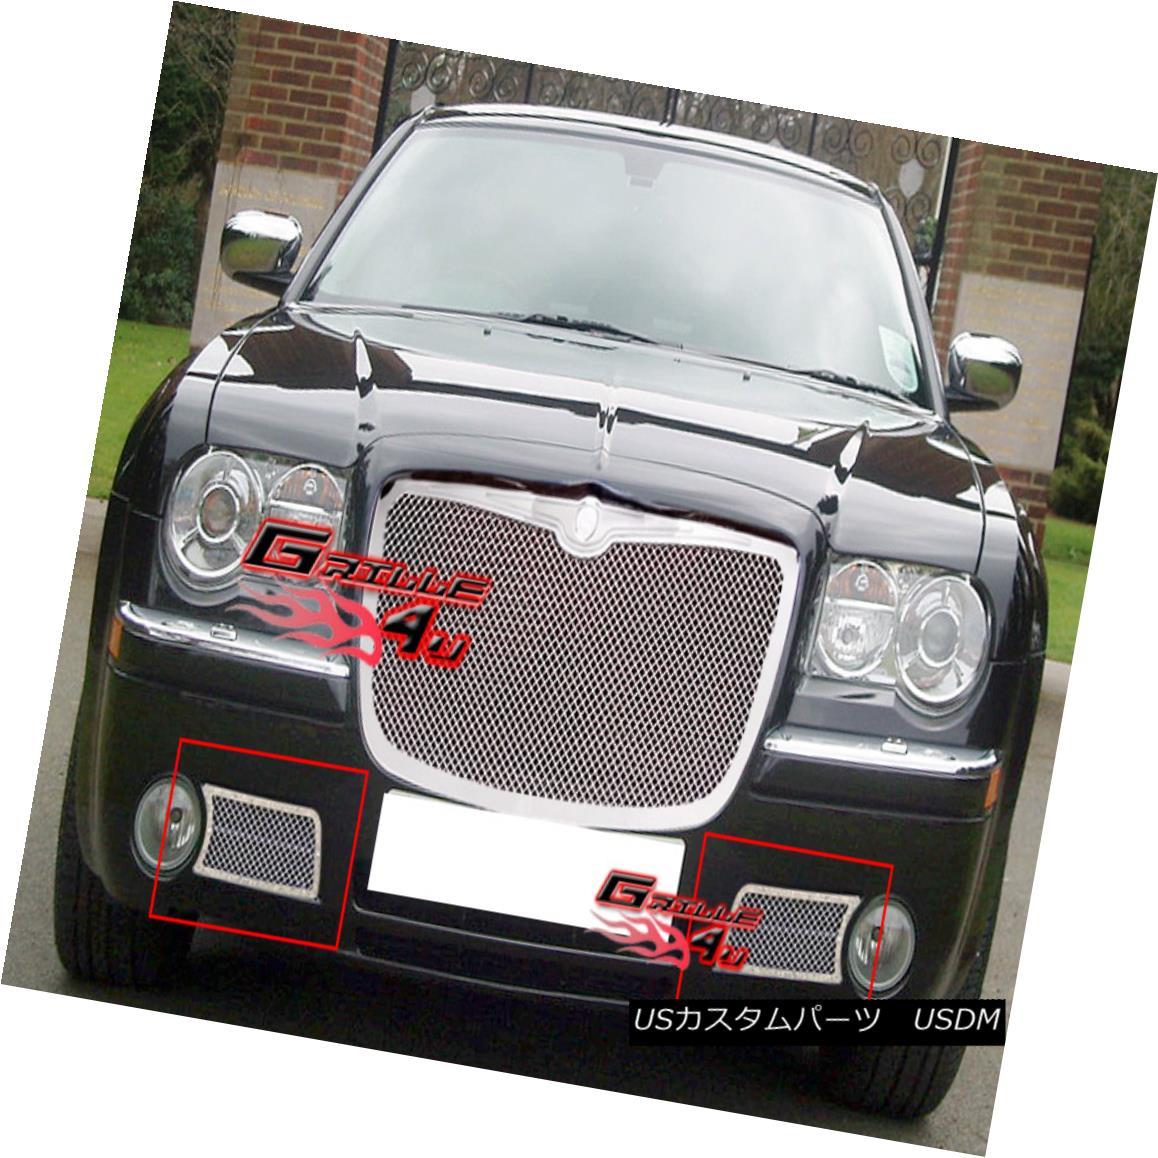 グリル Fits 05-10 Chrysler 300C Lower Bumper Stainless Mesh Grille Insert フィット05-10クライスラー300Cロアバンパーステンレスメッシュグリルインサート